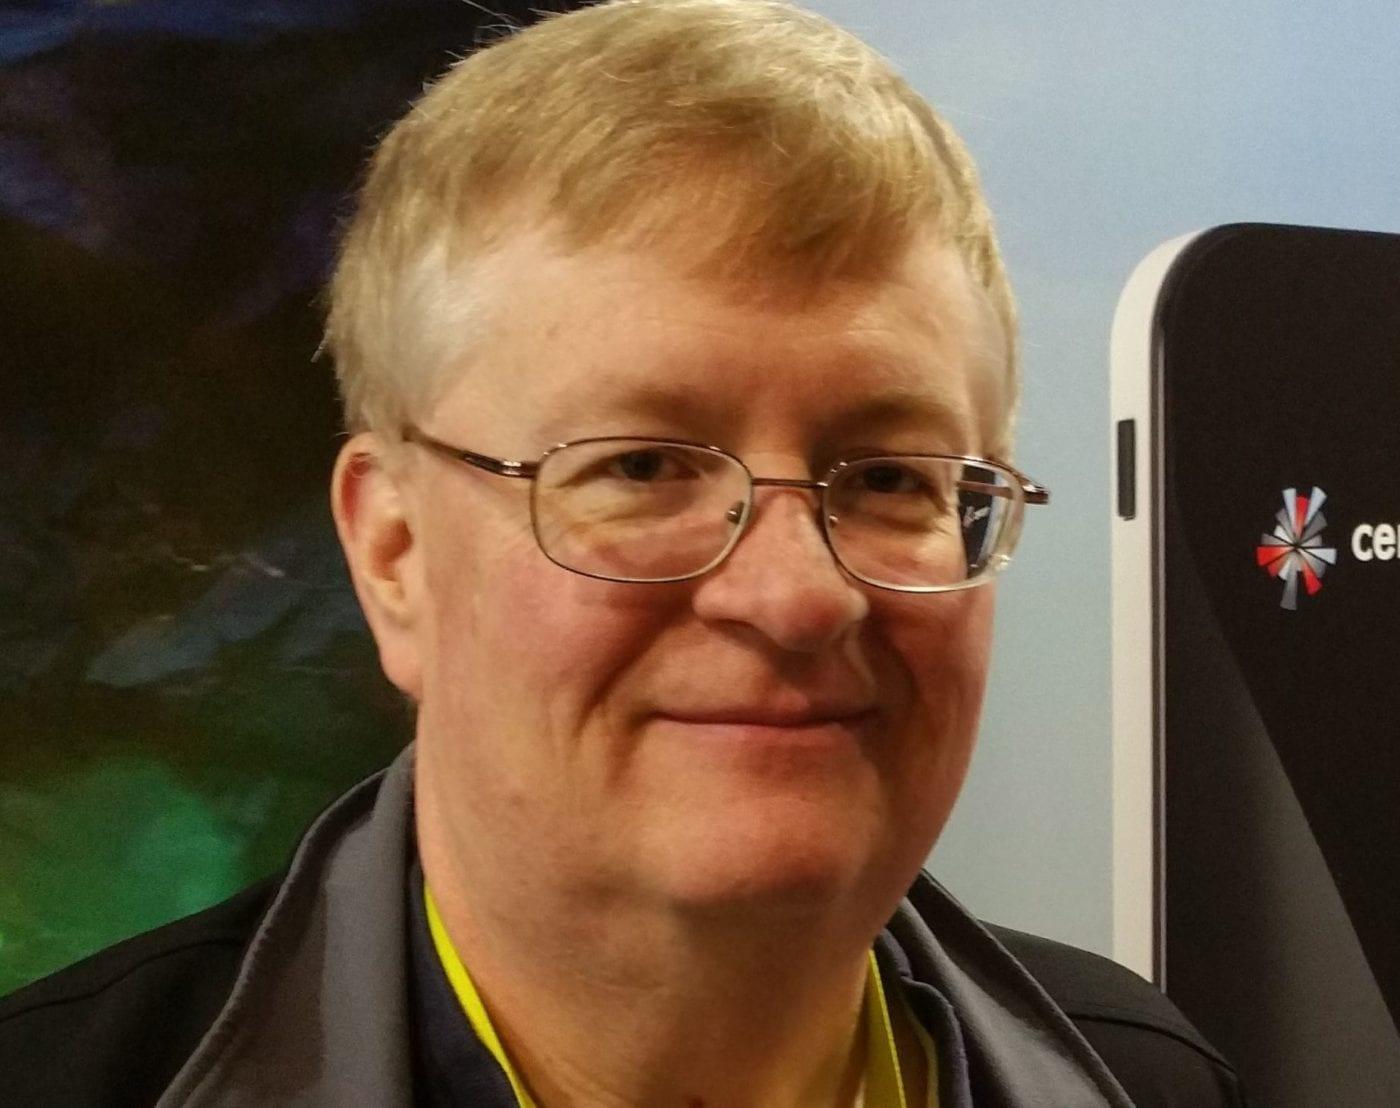 Doug Mohney